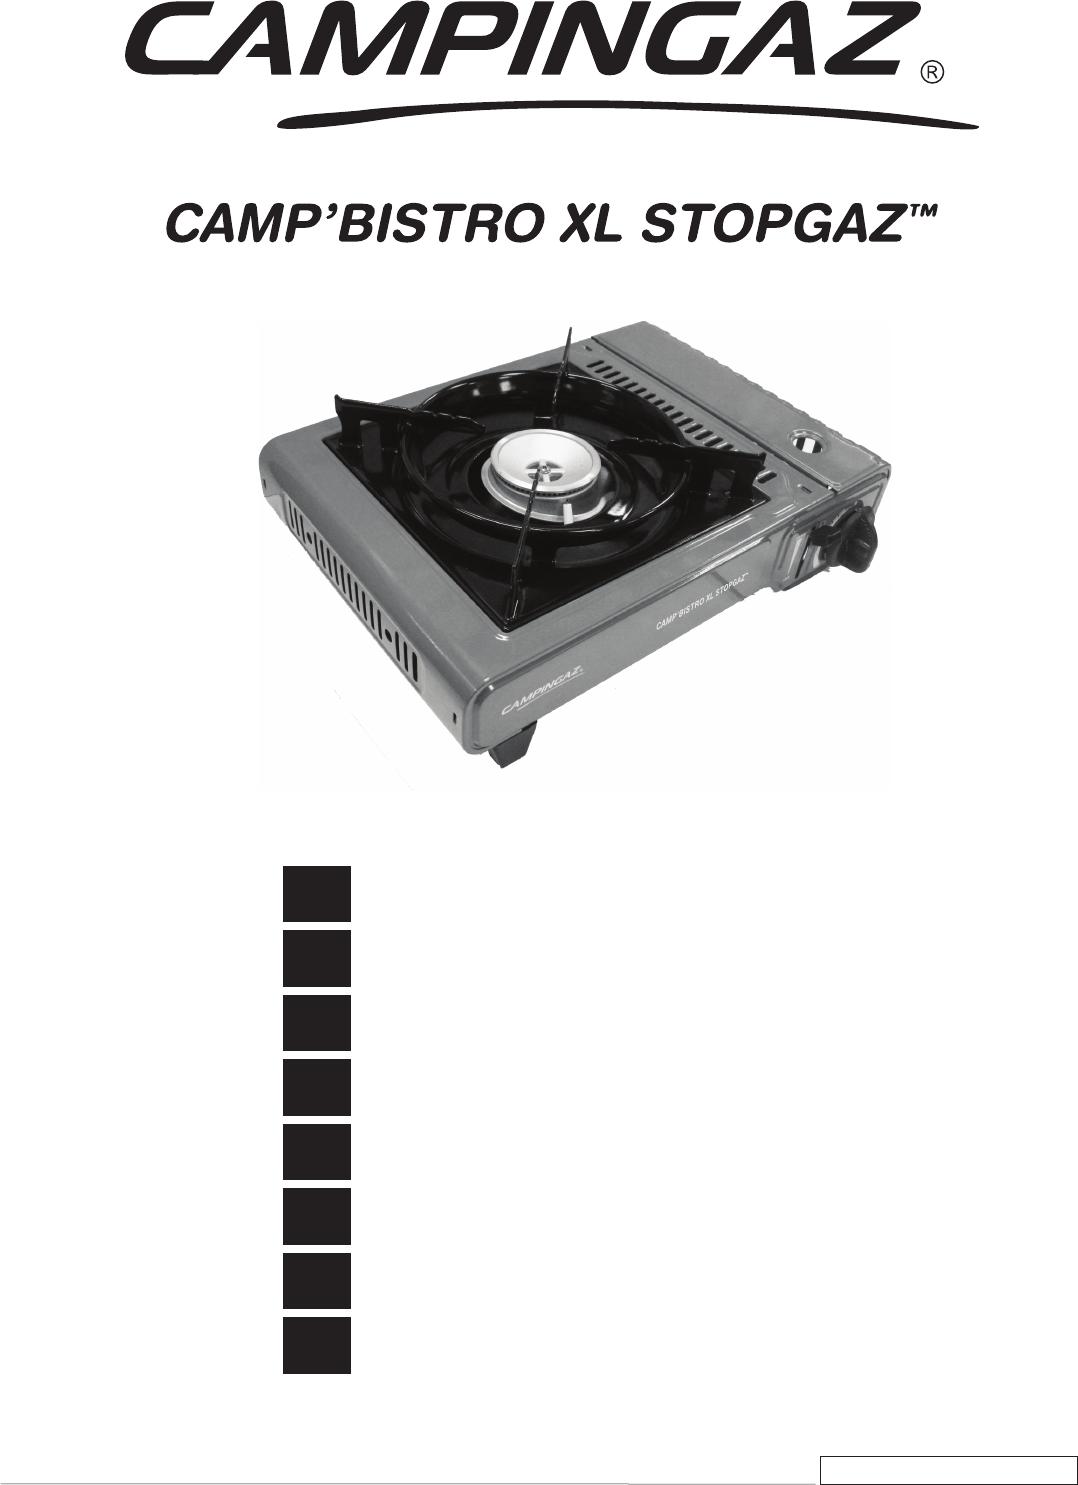 Campingaz Vanne-Gaskartusche CP 250